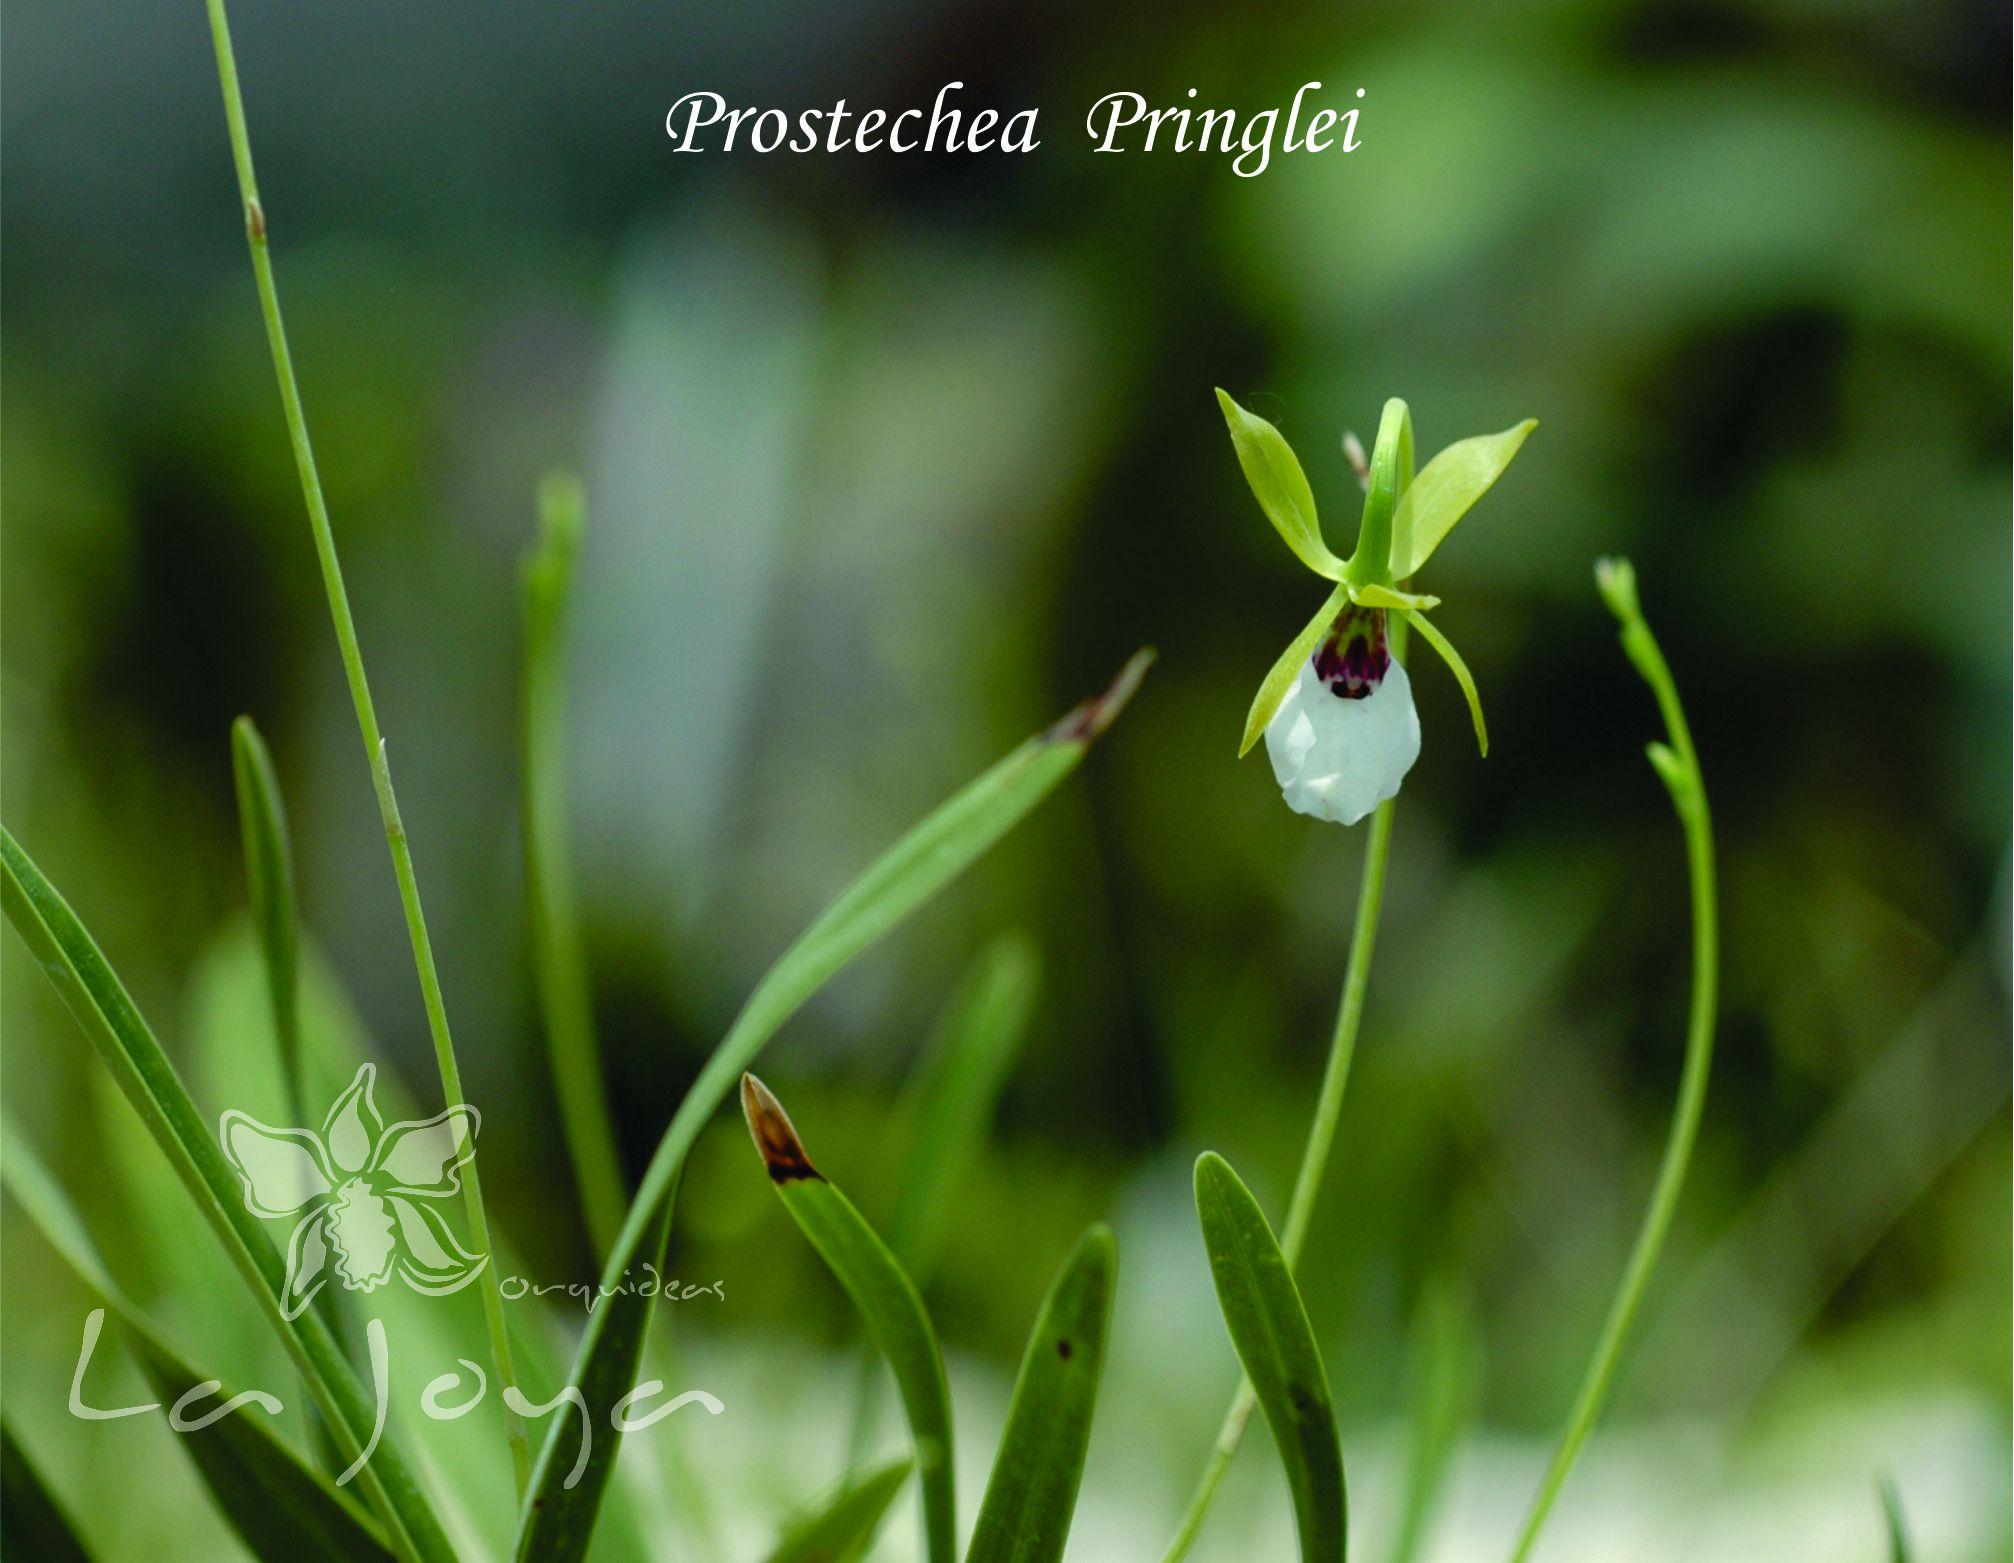 Prostechea Pringlei